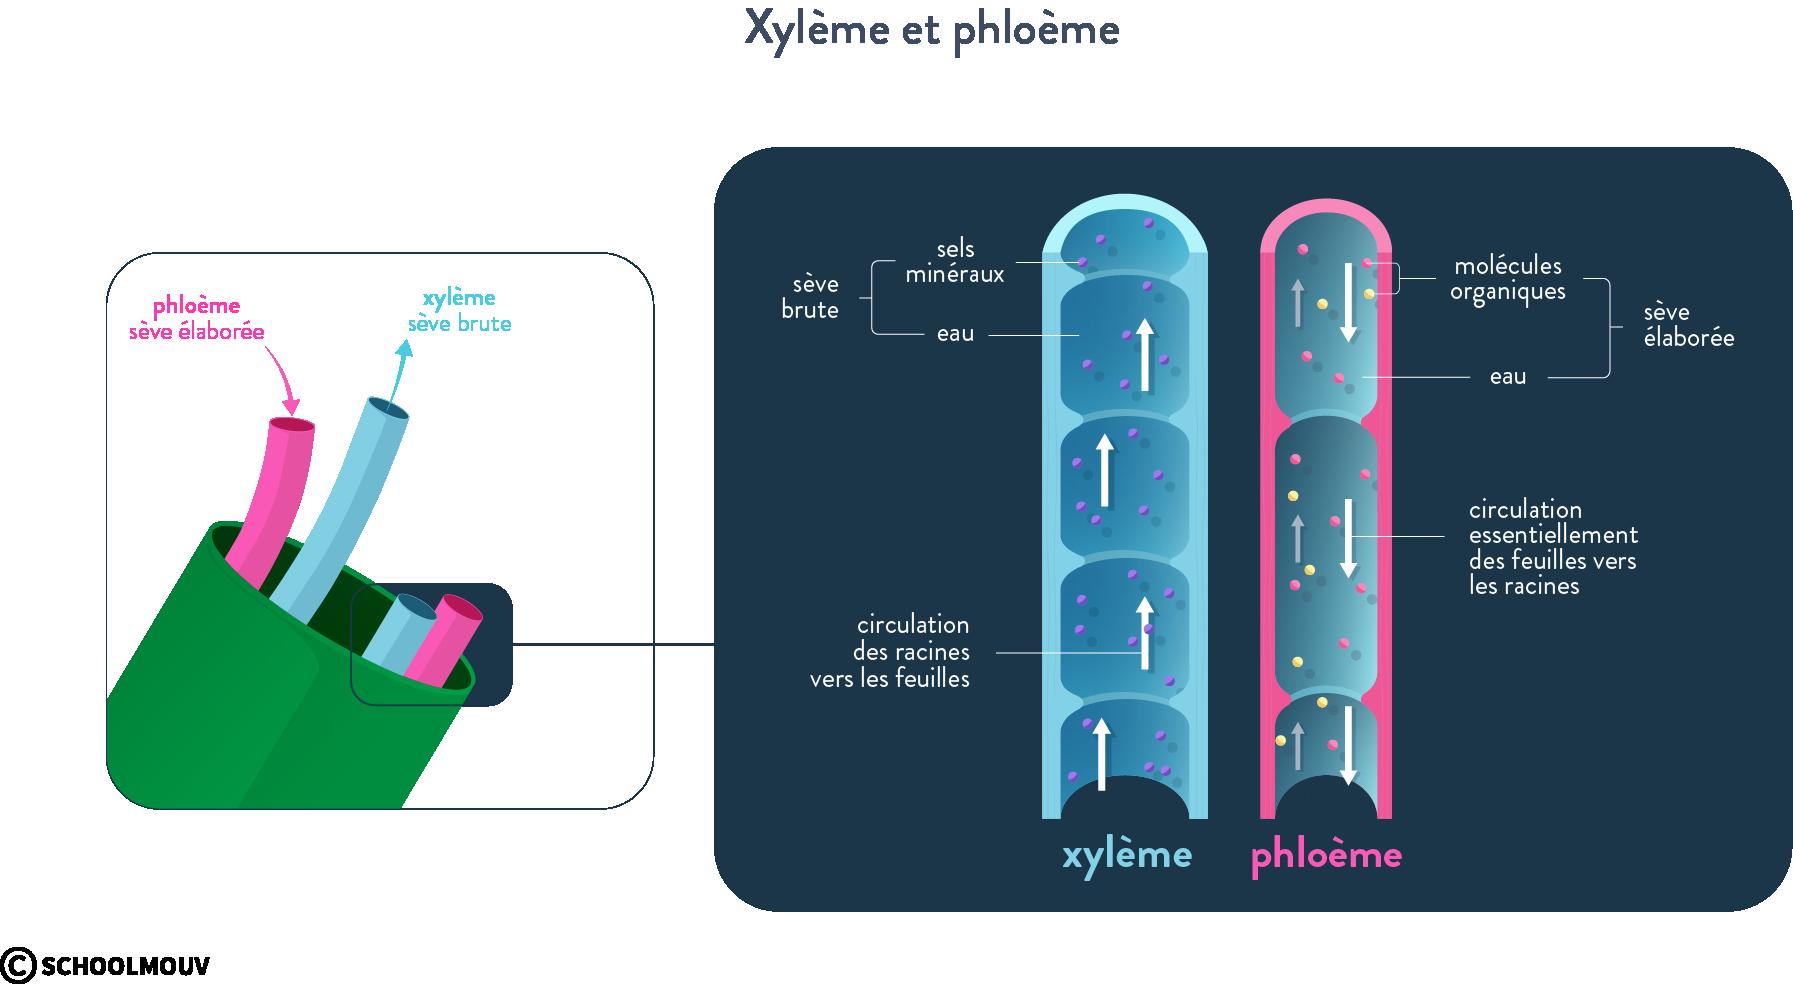 Xylème et phloème